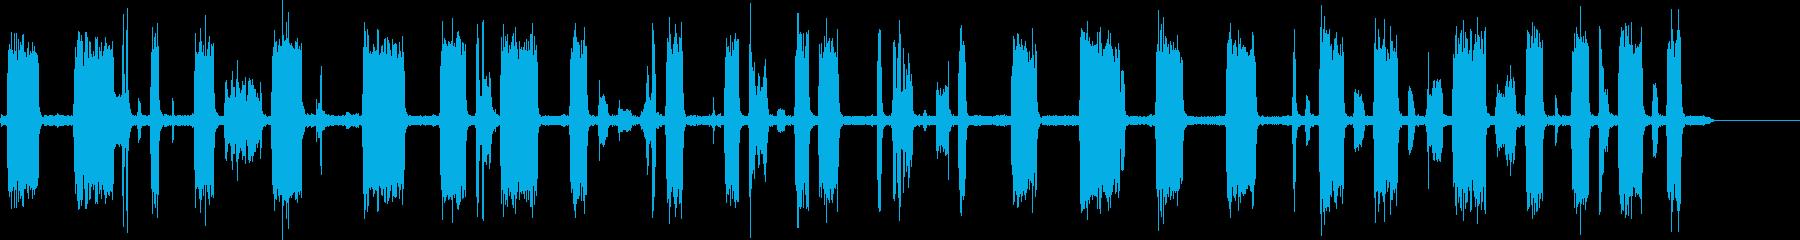 TV-スキャナーをスキャンするチャンネルの再生済みの波形